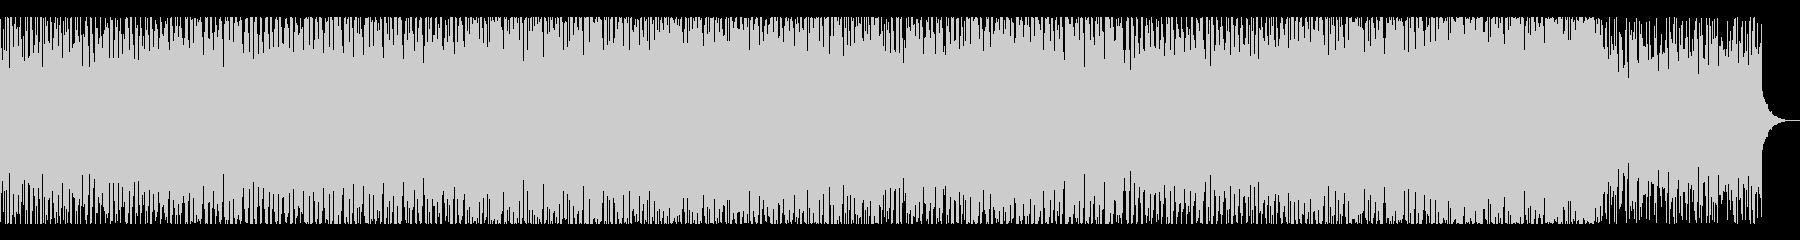 切ないEDMの未再生の波形